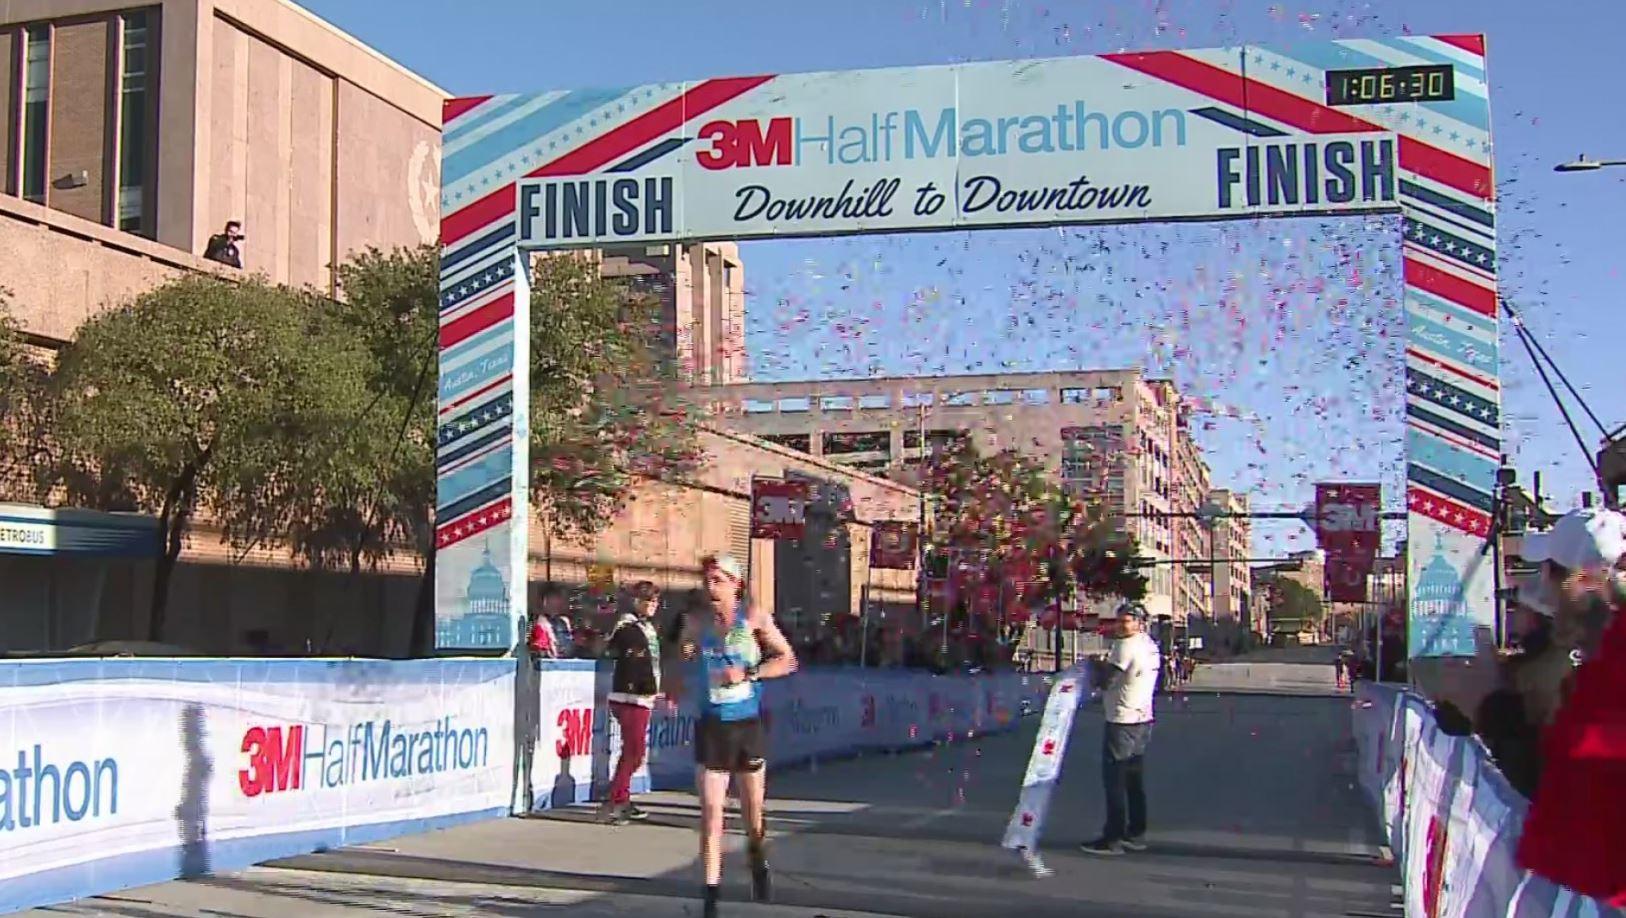 3M Half Marathon 2020